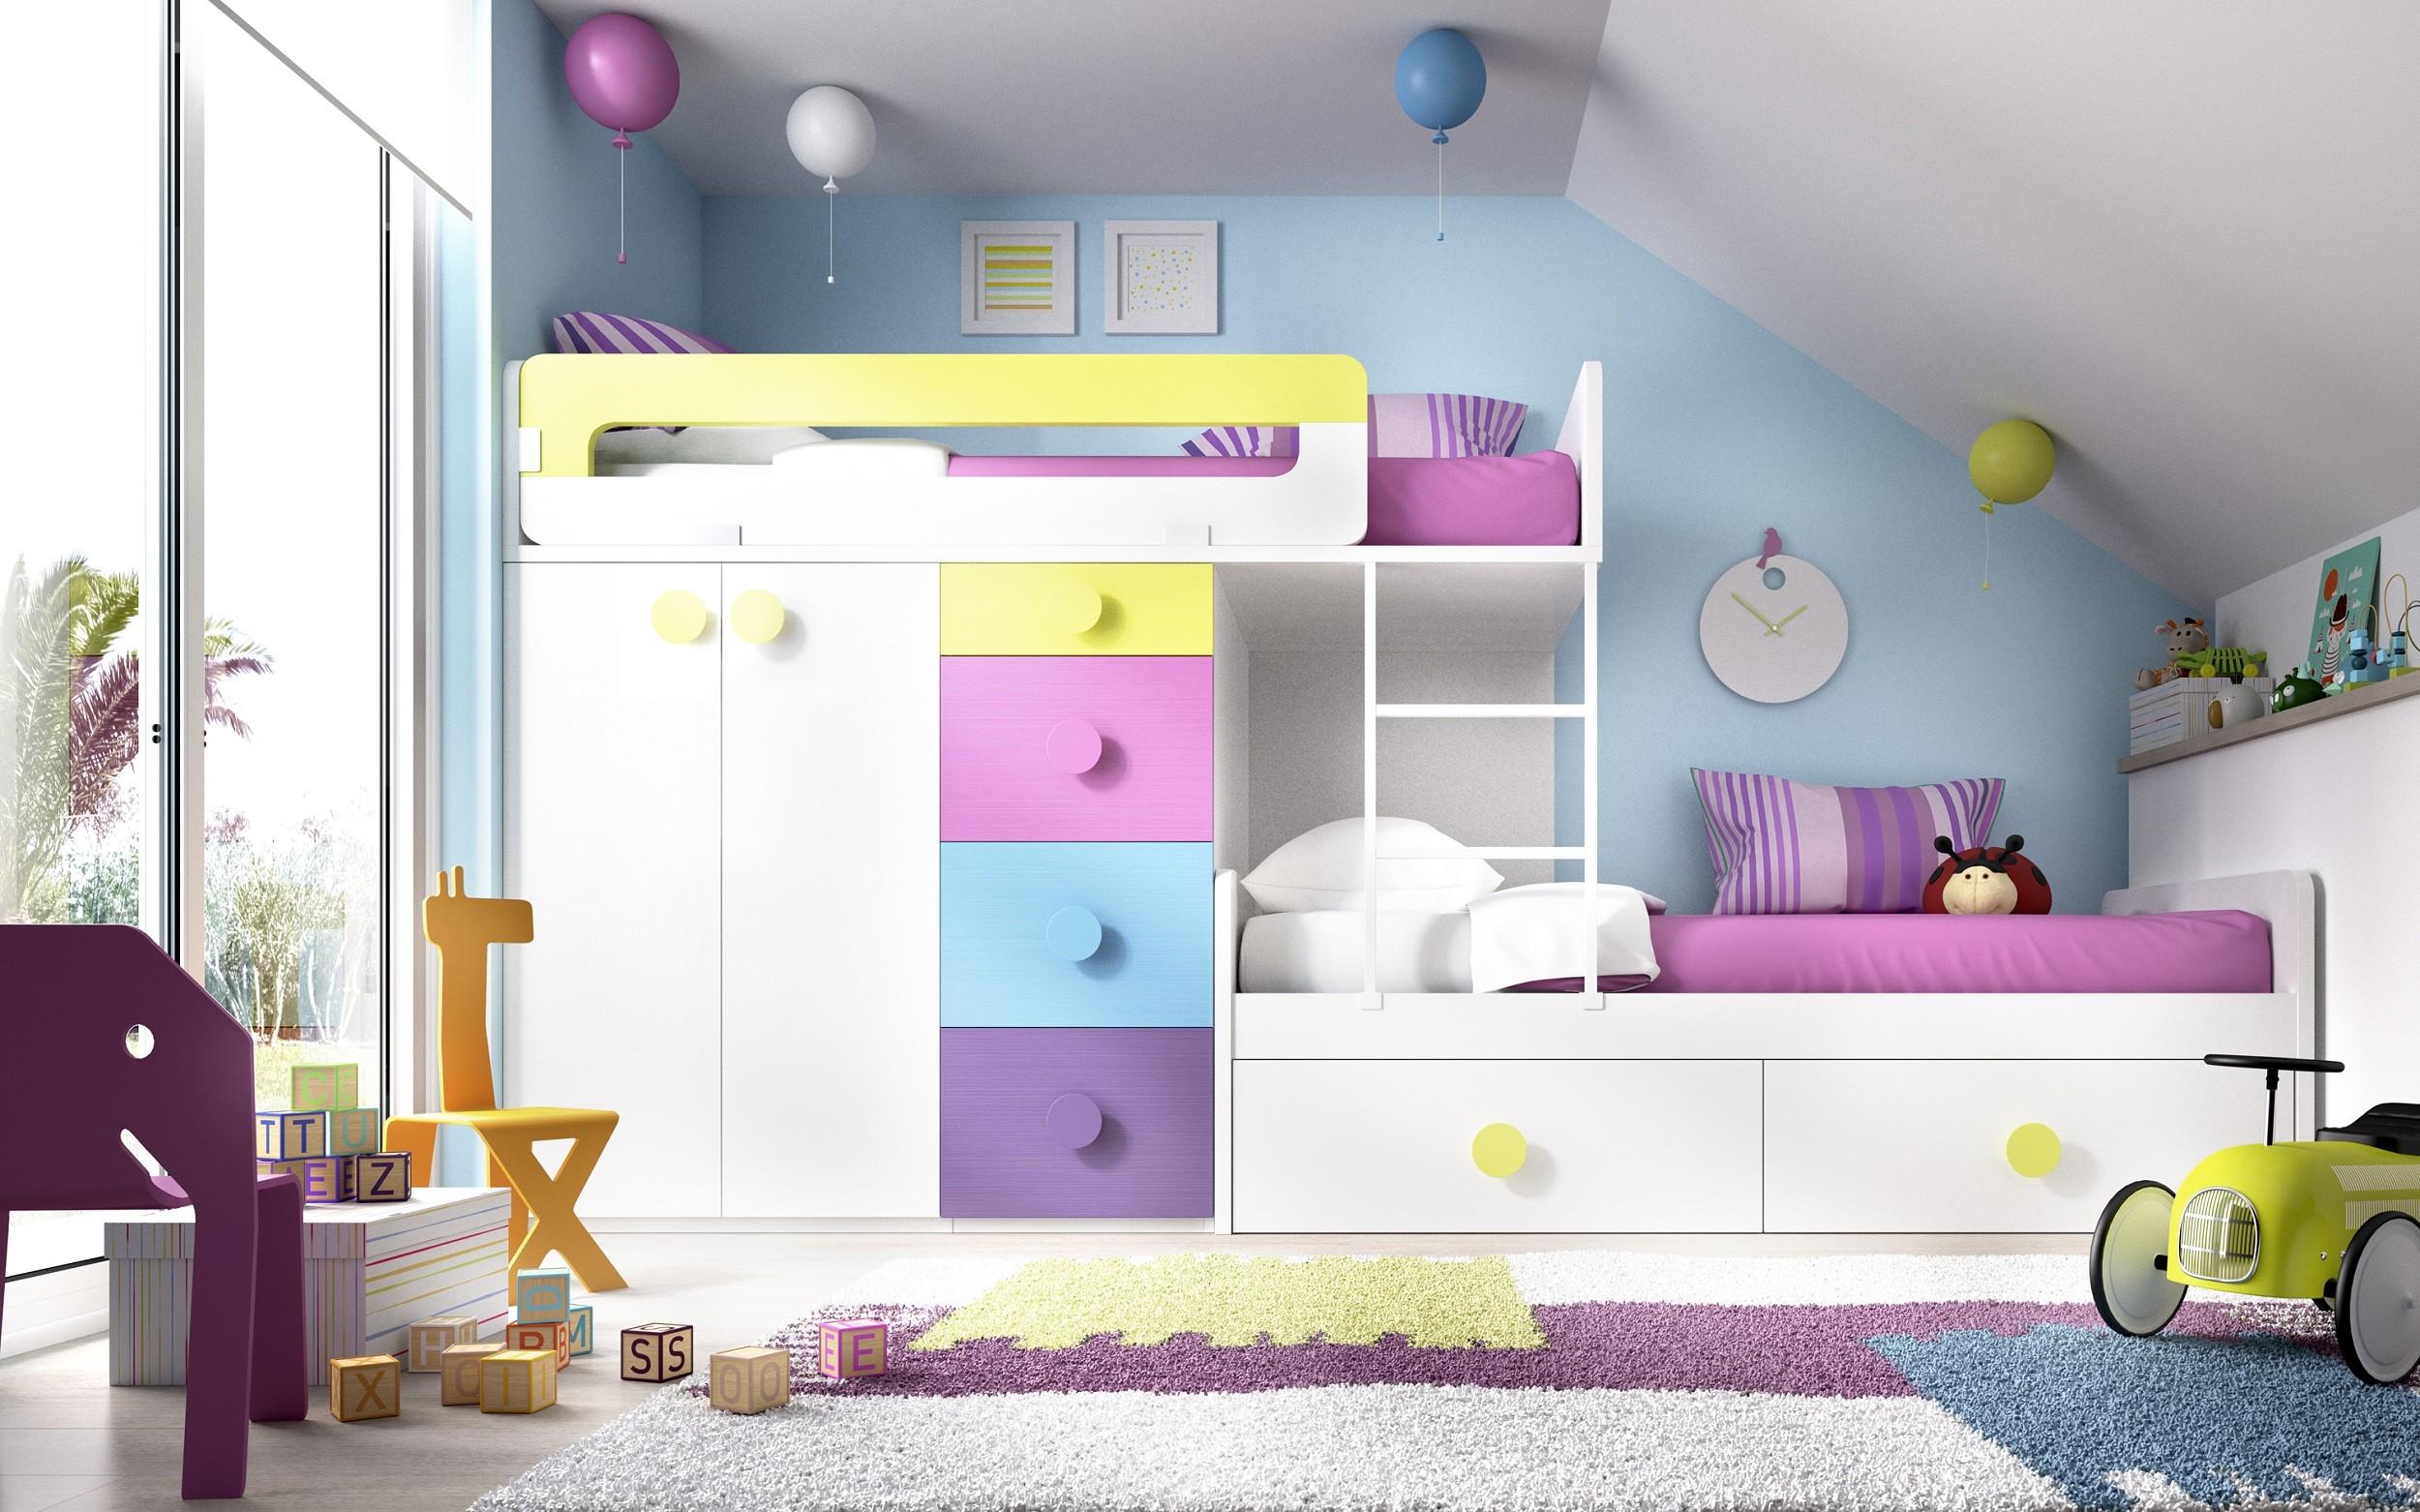 Full Size of Hochbett Kinderzimmer Jump 317 Und Jugendzimmer Regal Sofa Regale Weiß Kinderzimmer Hochbett Kinderzimmer